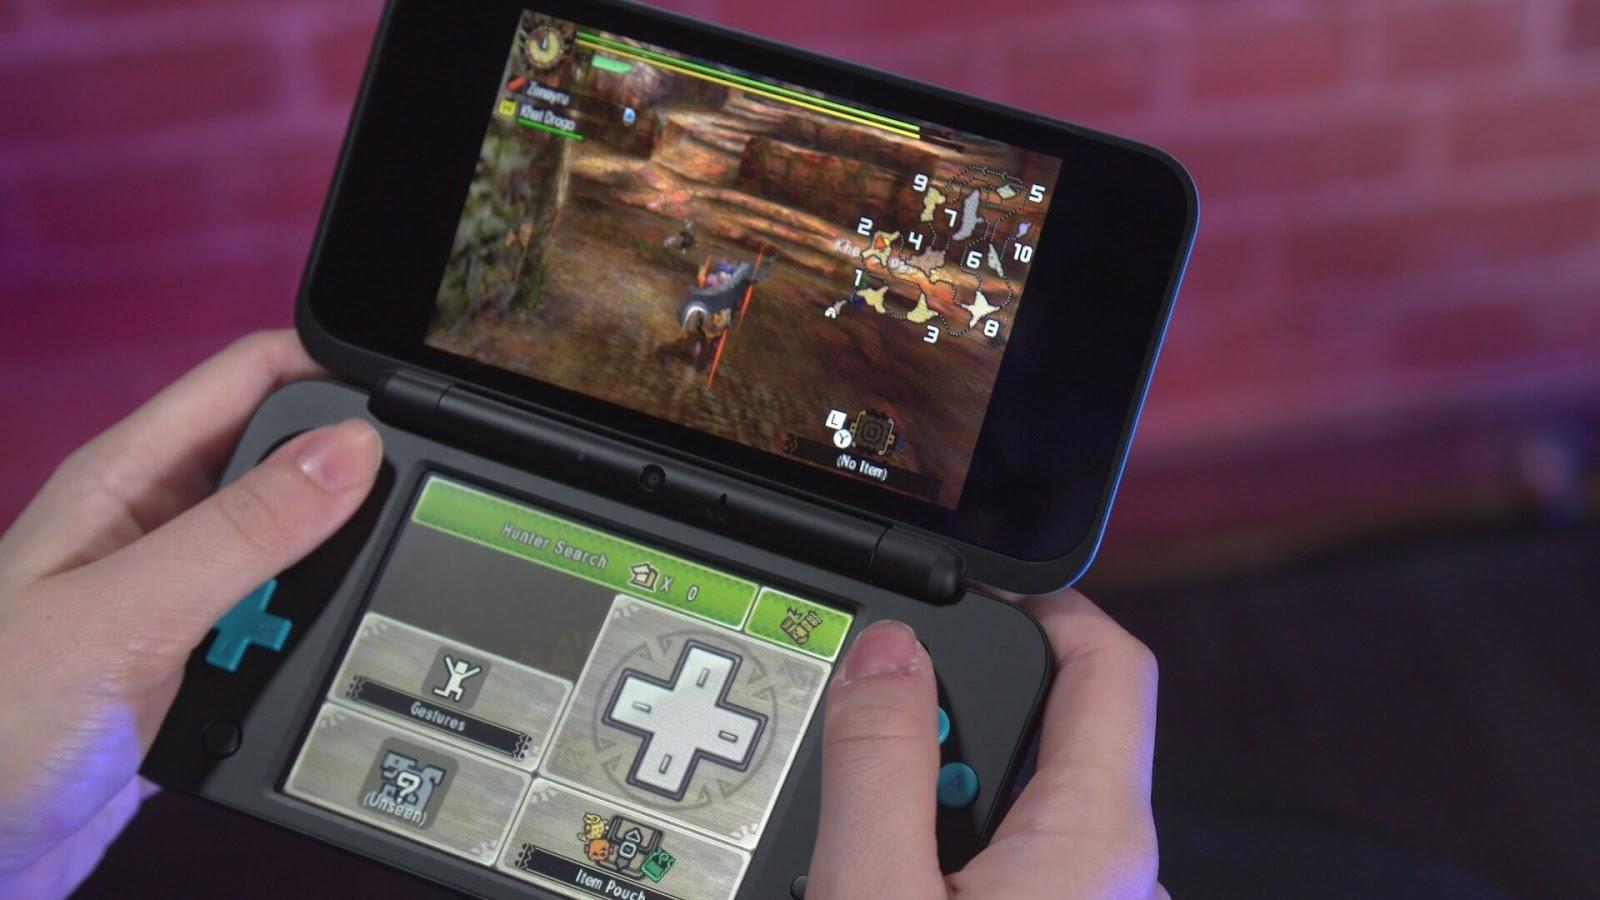 Nintendo Ds Emulator For Mac